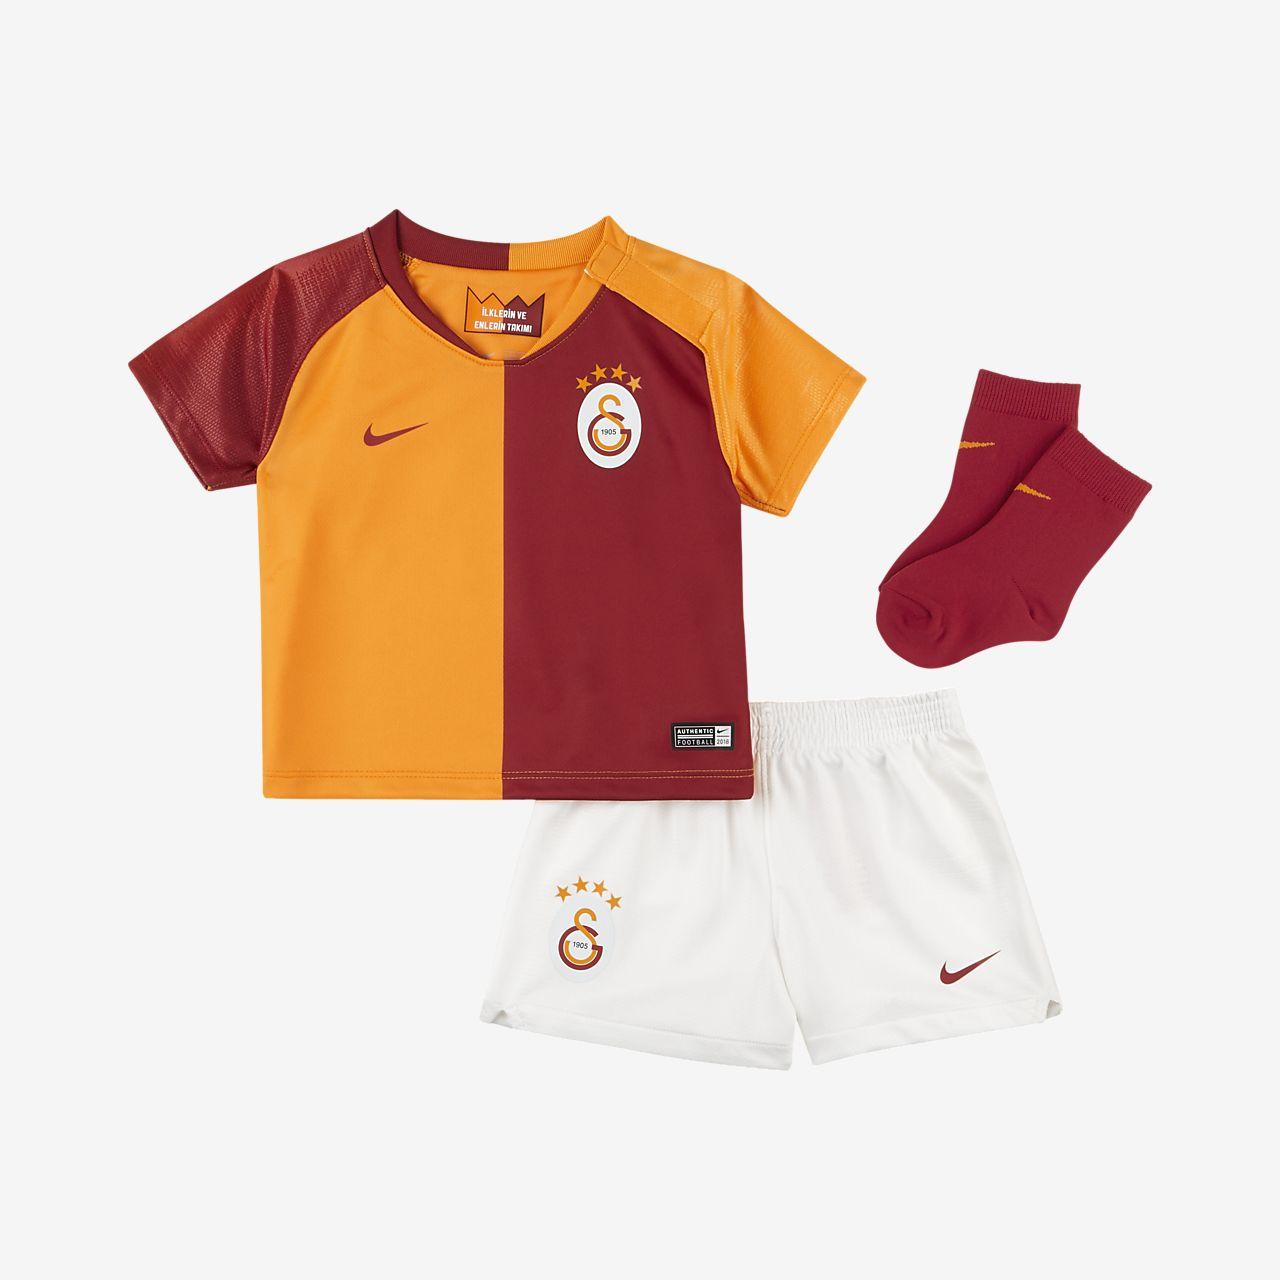 Paket med fotbollskläder 2018/19 Galatasaray S.K.Stadium Home för baby/små barn